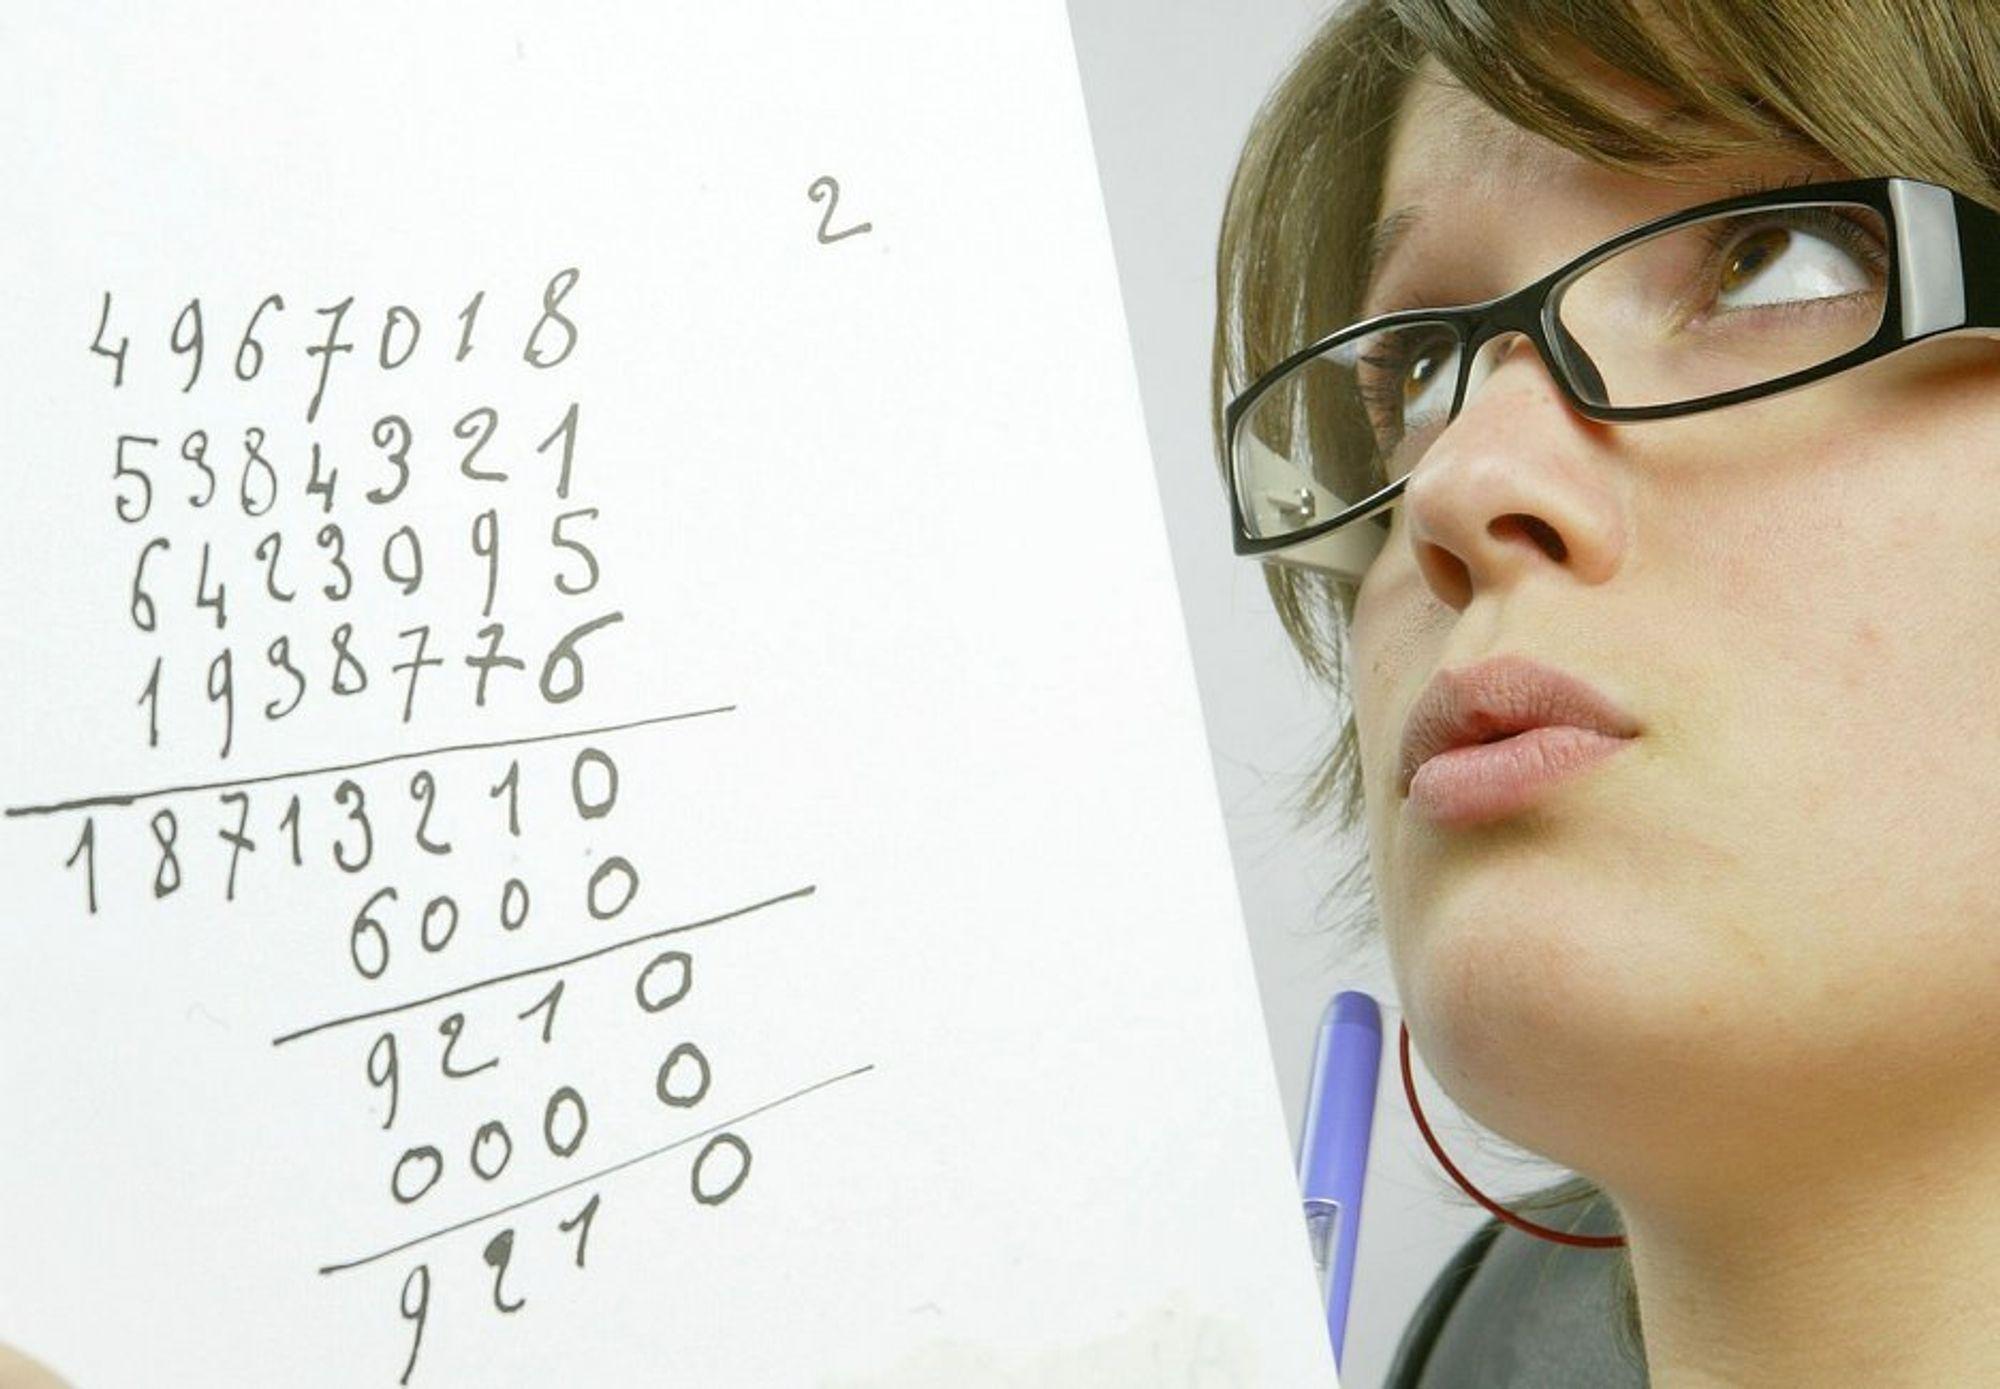 Etterutdanning for ingeniører gir automatisk lønnsøkning, mener Fafo-forsker Torgeir Nyen.